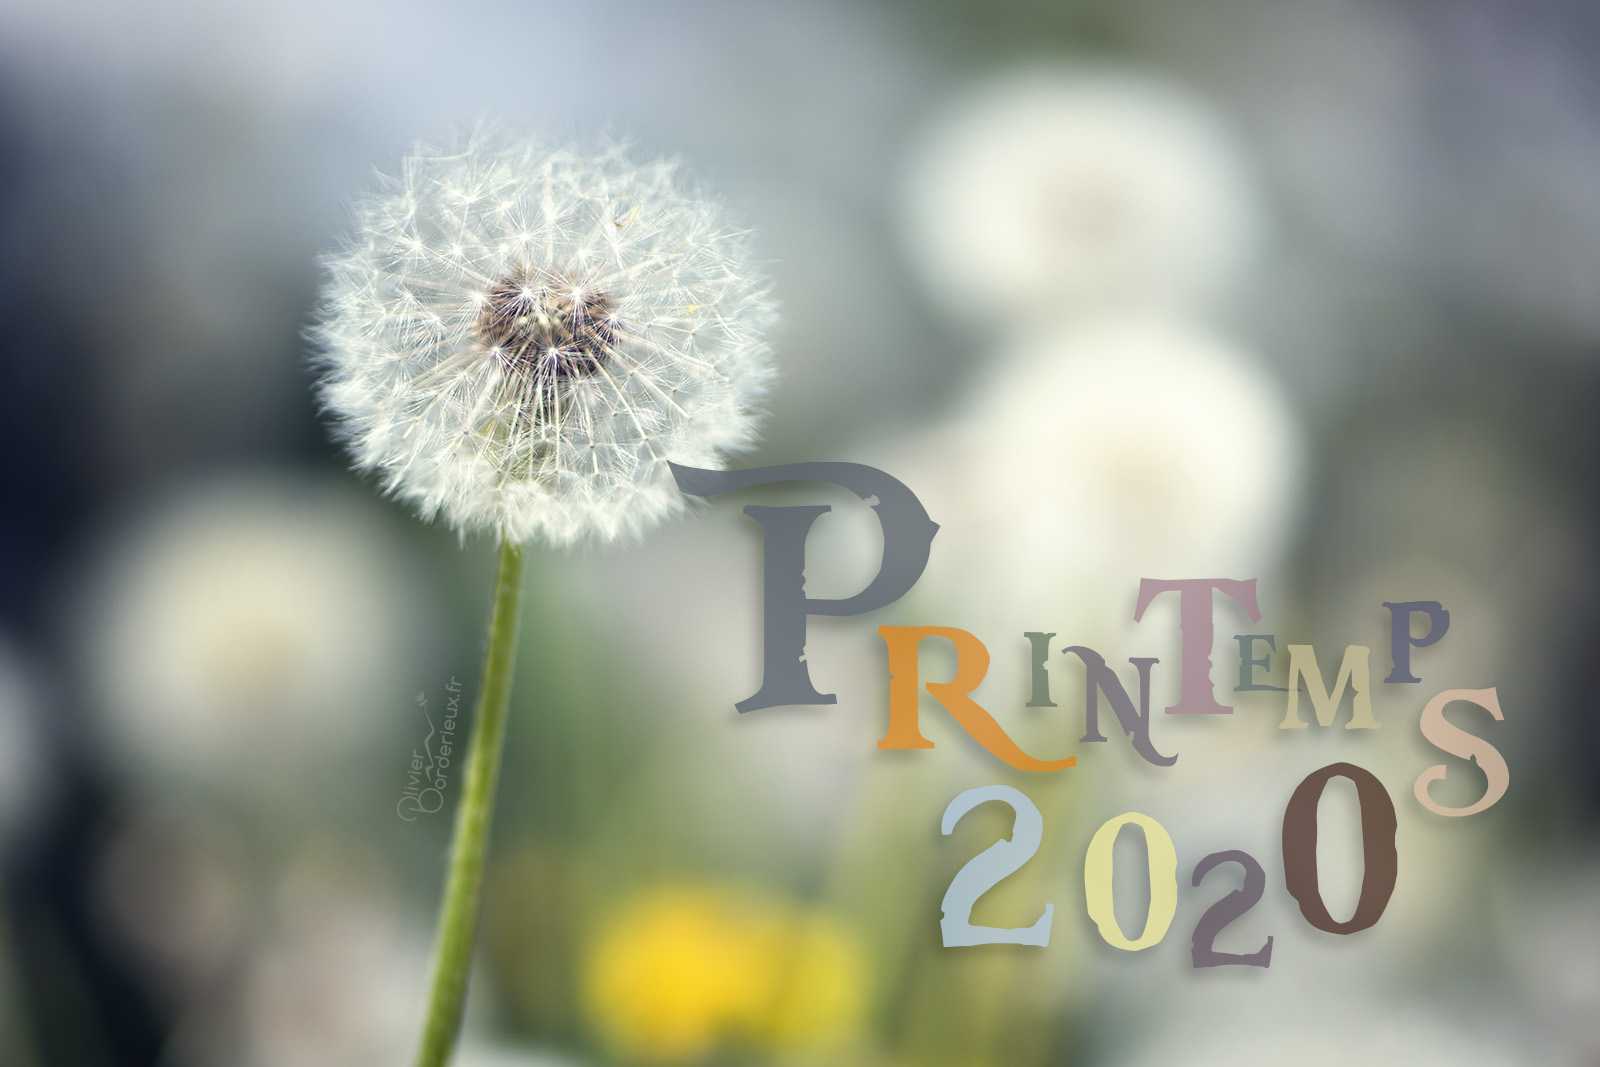 Printemps 2020